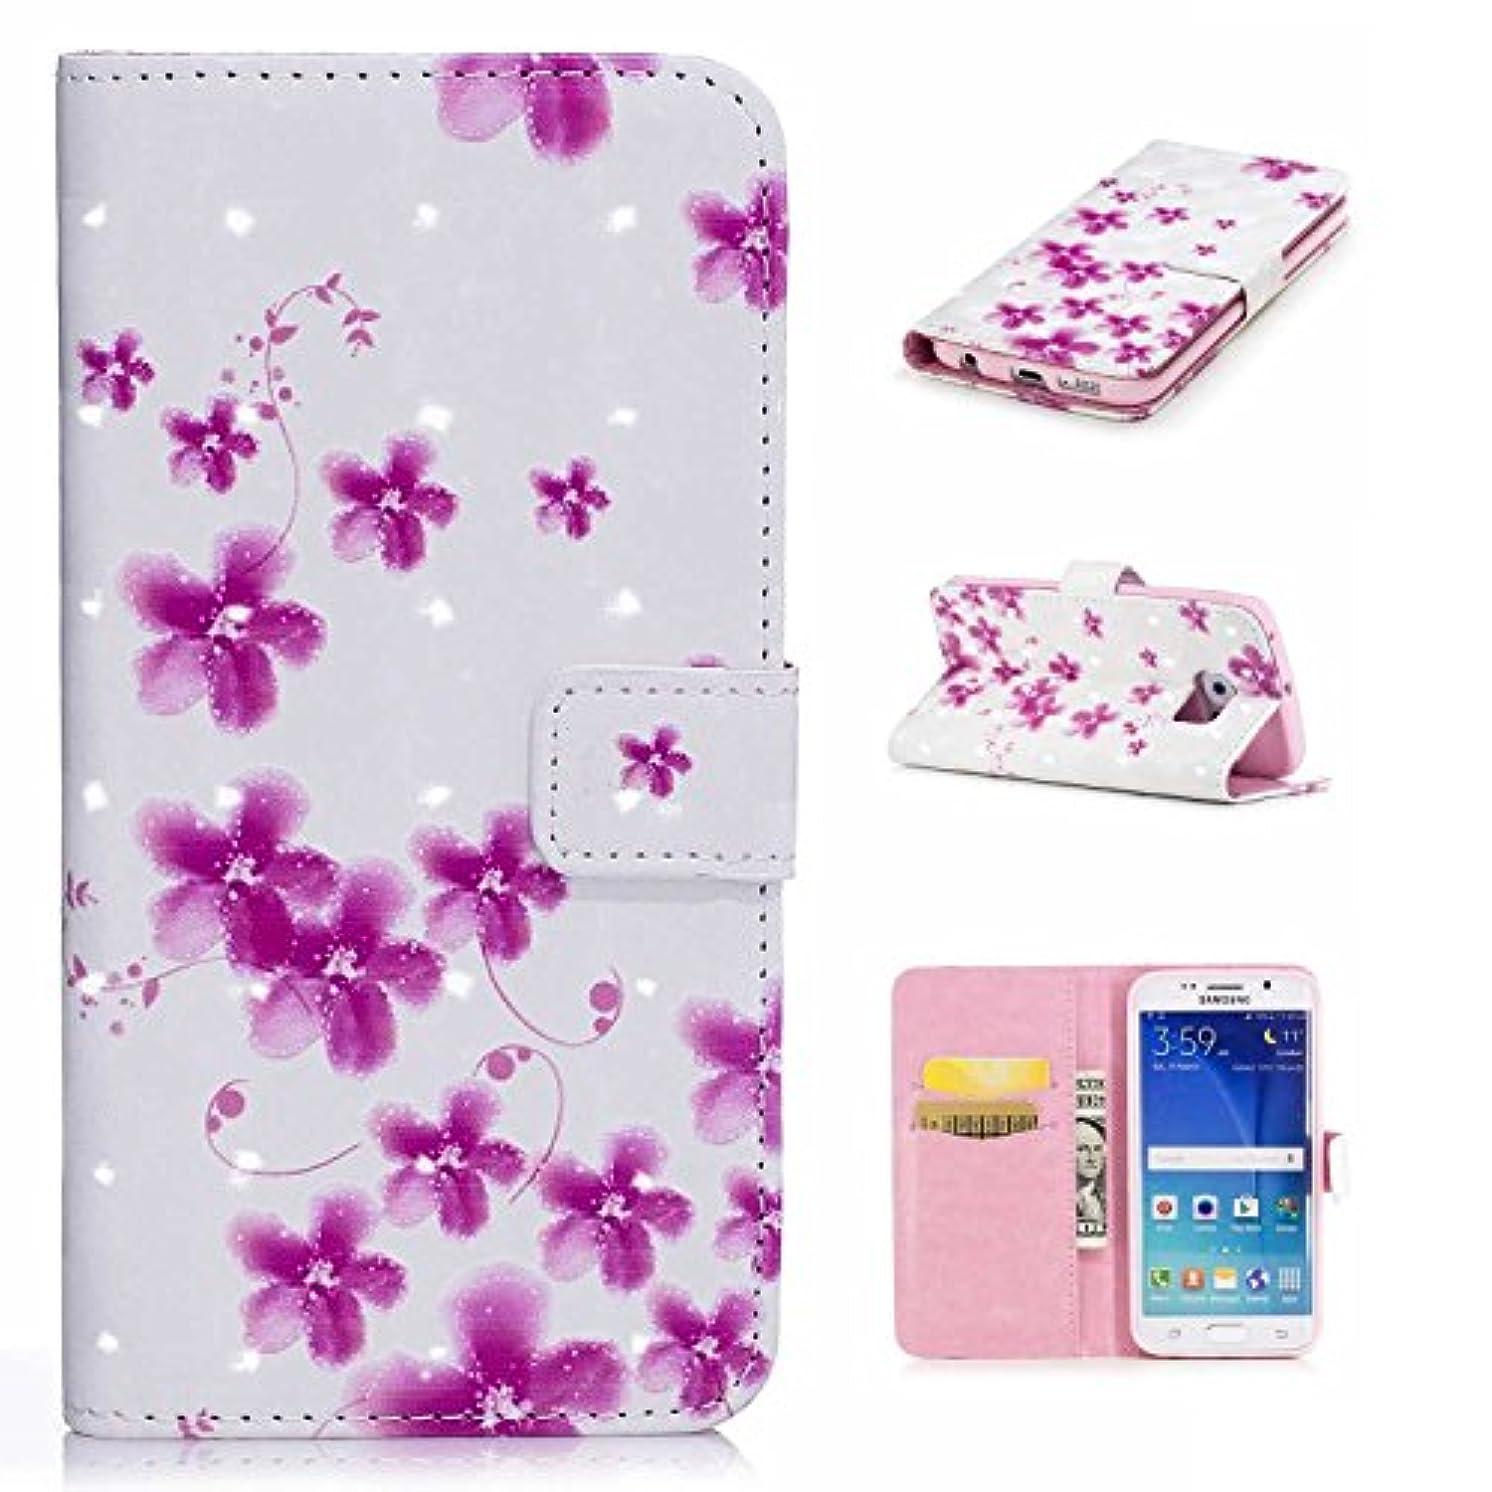 ピットローストマーカーGalaxy S6 Edgeケース CUSKING ギャラクシS6エッジ 手帳ケース カード収納付き PUレザー アニメ かわいい 財布型 カバー ノート型 フリップ 保護ケース - ピンク, 花